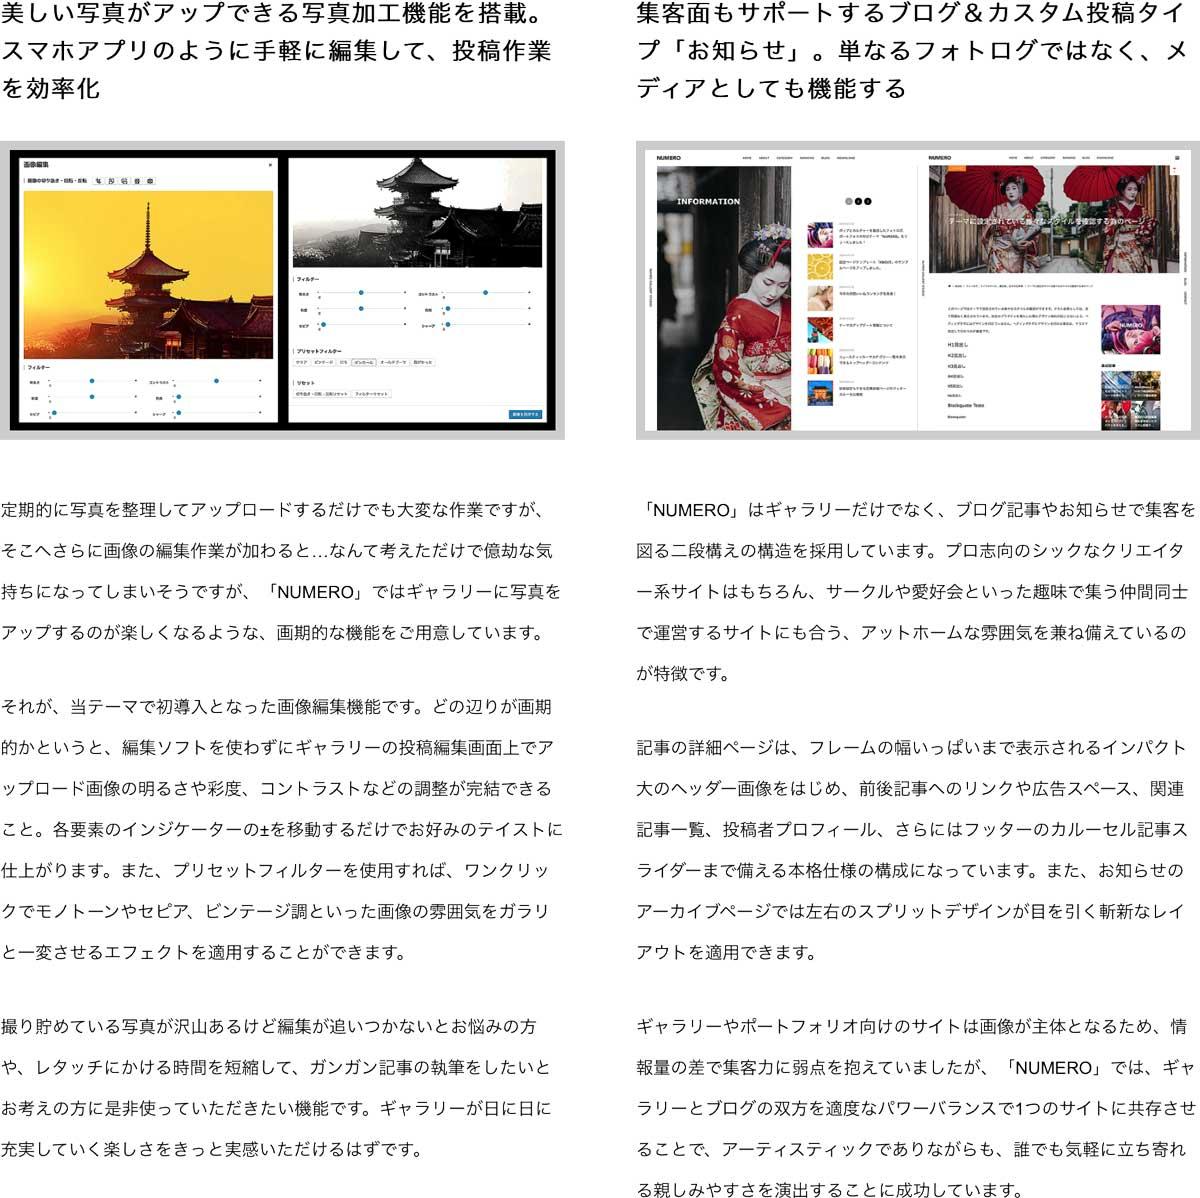 画像レタッチ機能を搭載したギャラリー型ブログテーマ(WPテーマ、ワードプレステーマ) wordpress_free_themes_tcd070_03